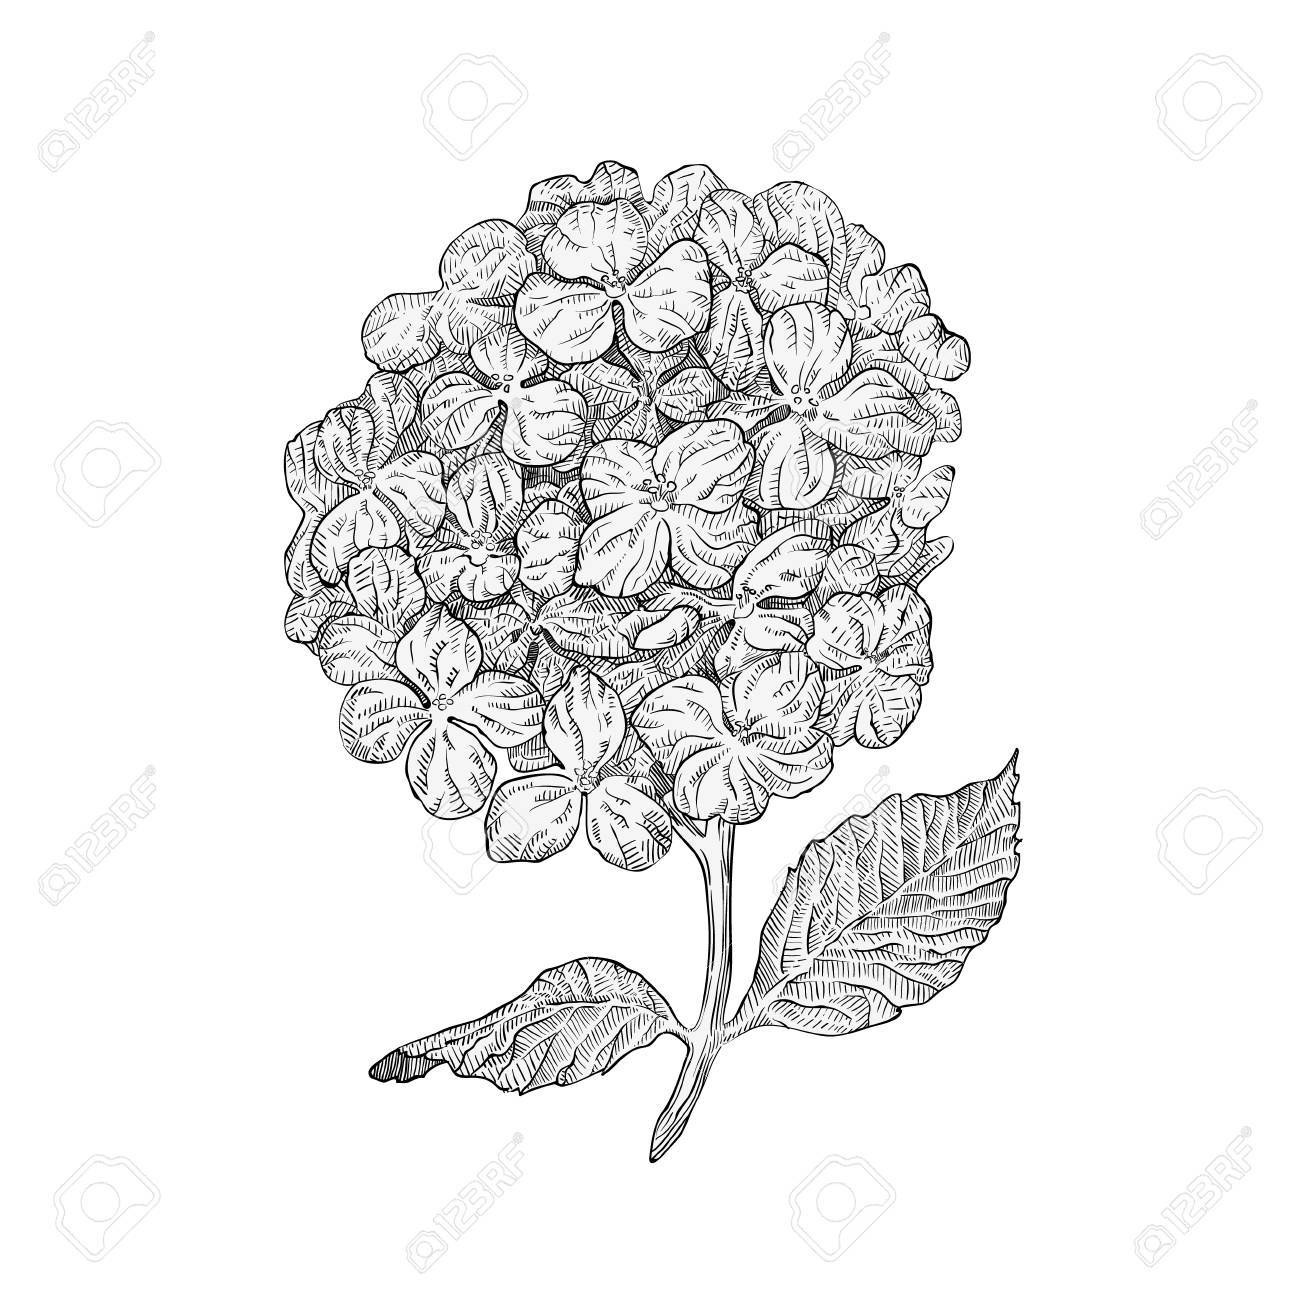 Flores De Hortensias Aisladas Sobre Fondo Blanco Dibujado A Mano De